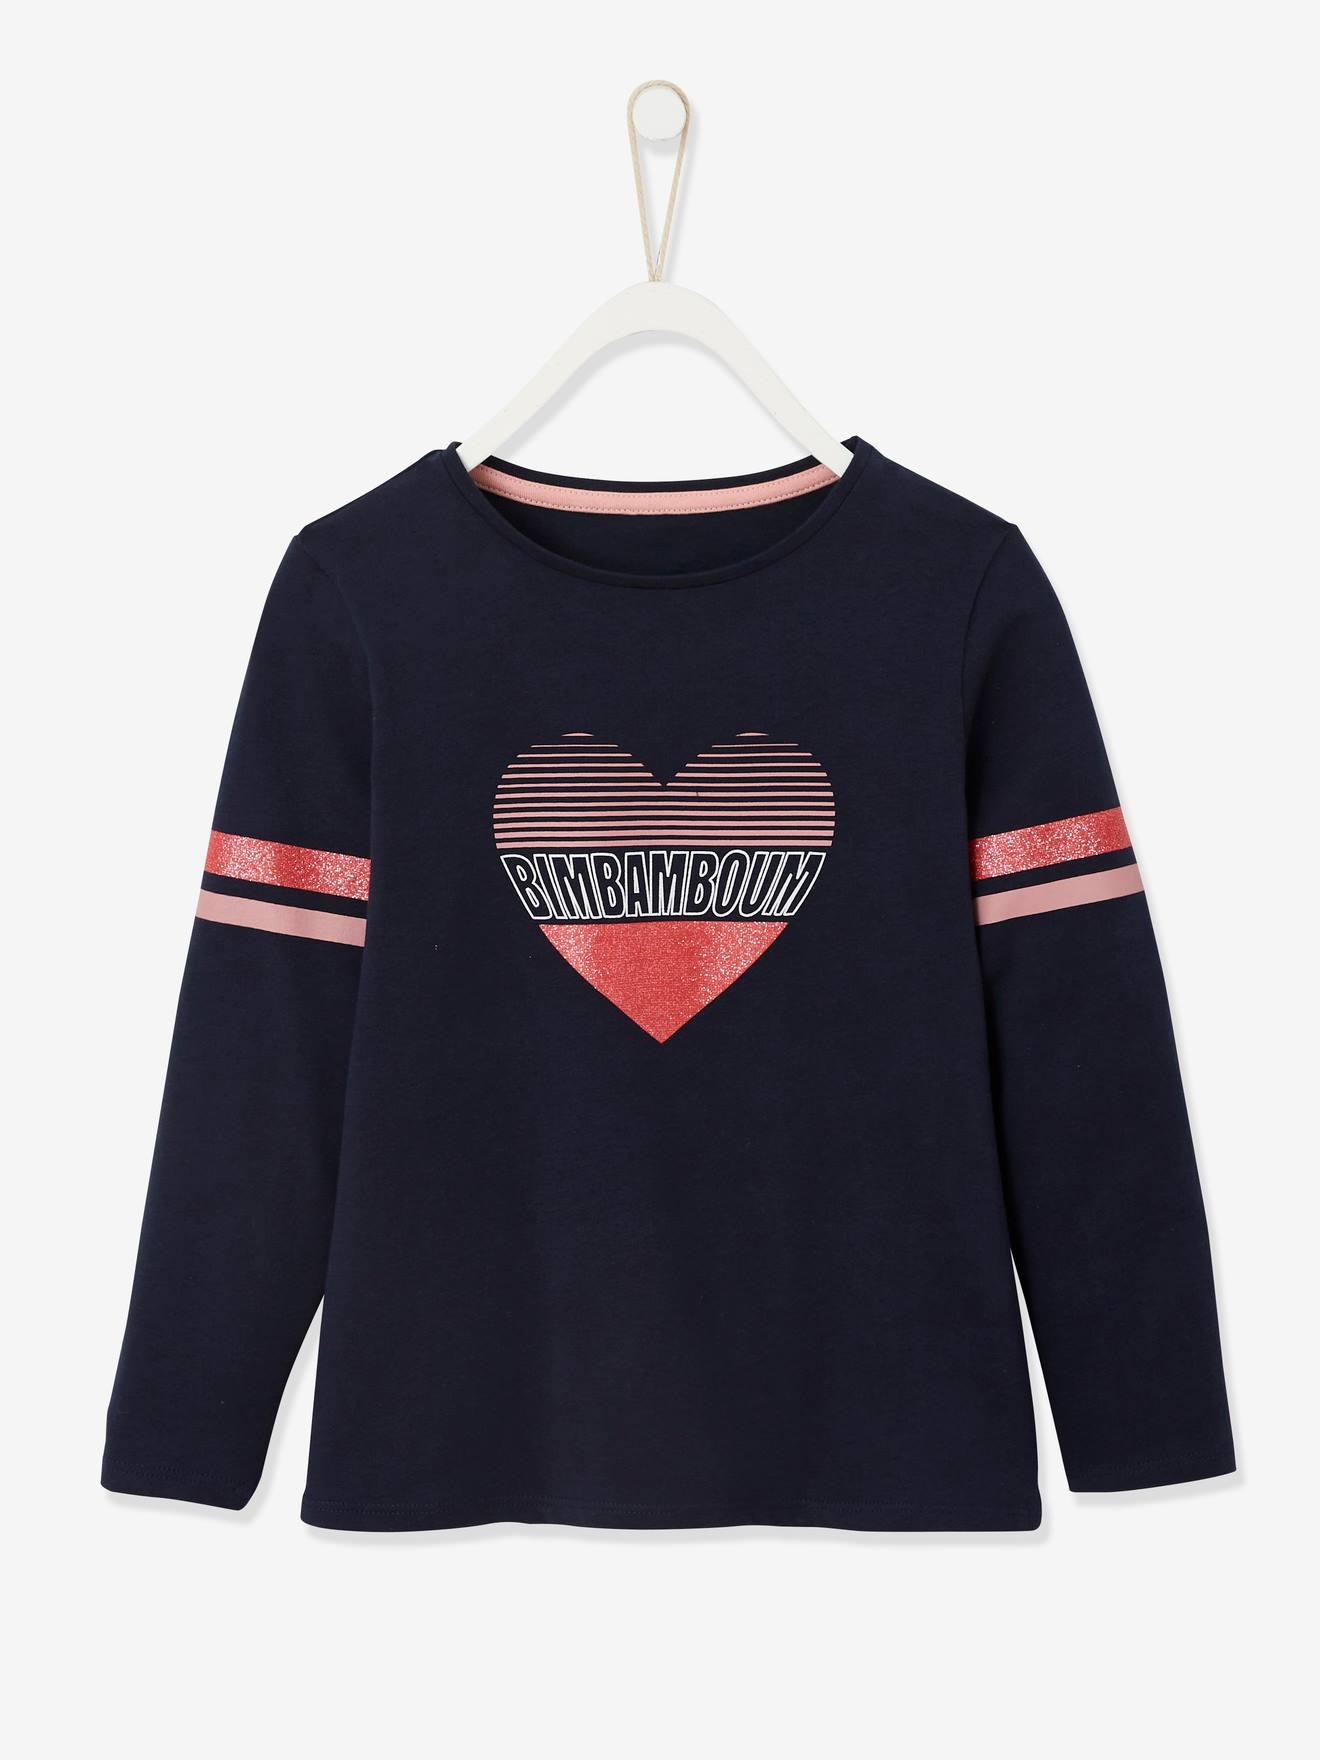 T-shirt fille esprit collège détails irisés en coton bio encre